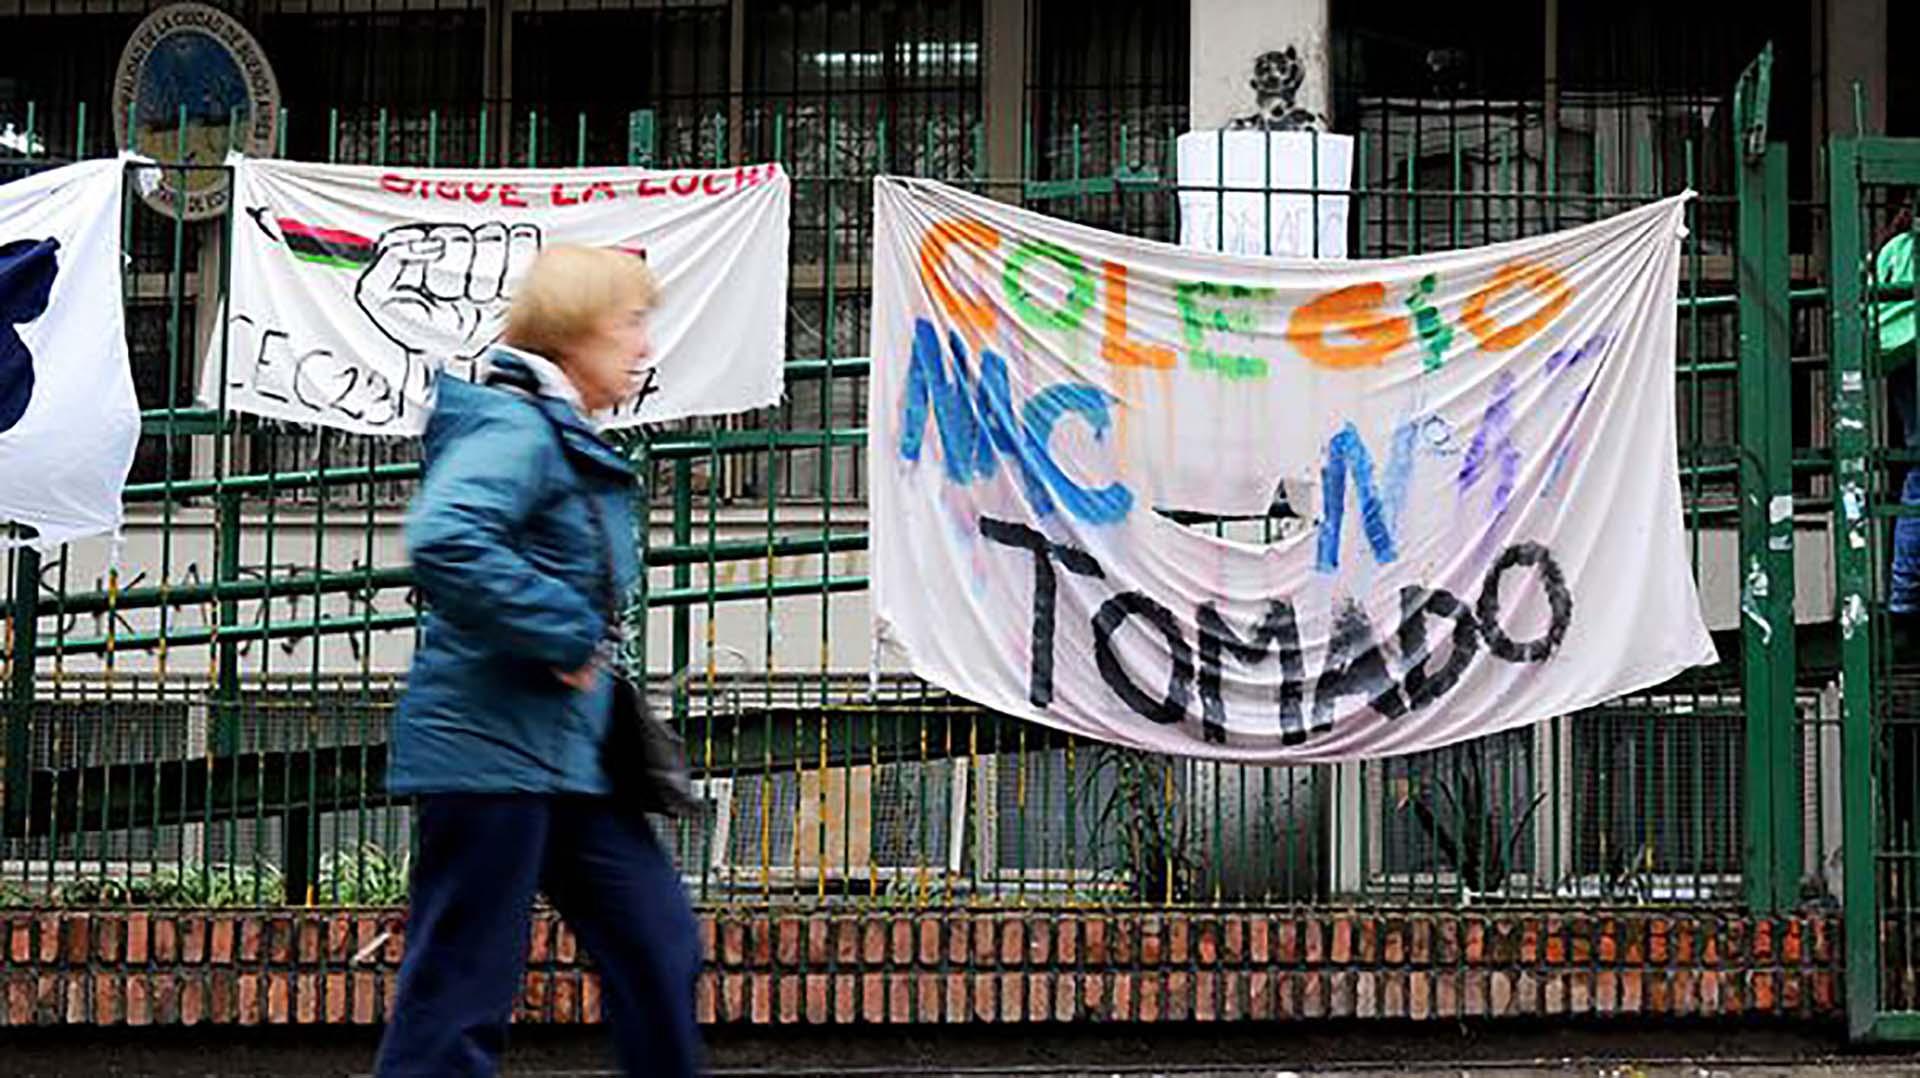 El conflicto por la reforma educativa comenzó a principio de septiembre (Télam)